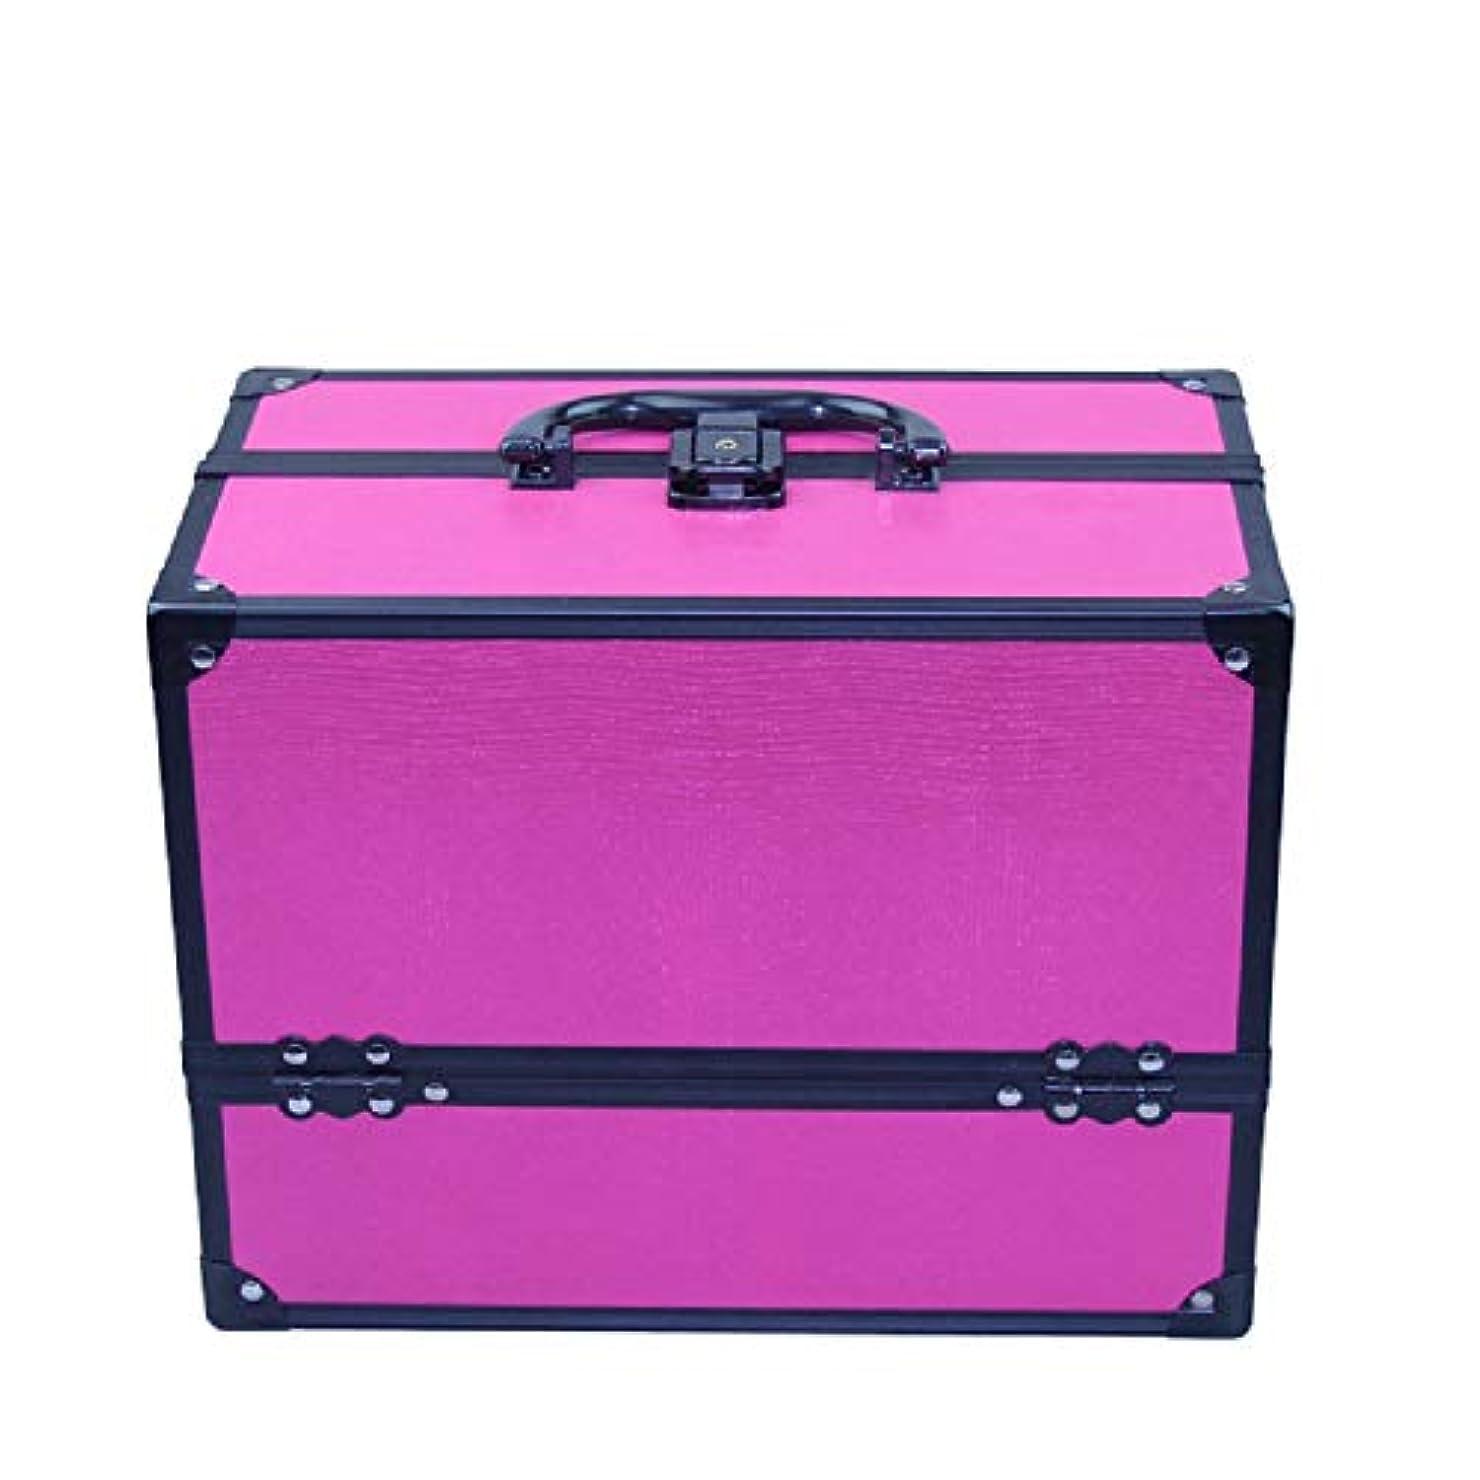 むしろ不器用一般化粧オーガナイザーバッグ 純粋な色のポータブル化粧品ケーストラベルアクセサリーシャンプーボディウォッシュパーソナルアイテムストレージロックとスライディングトレイ 化粧品ケース